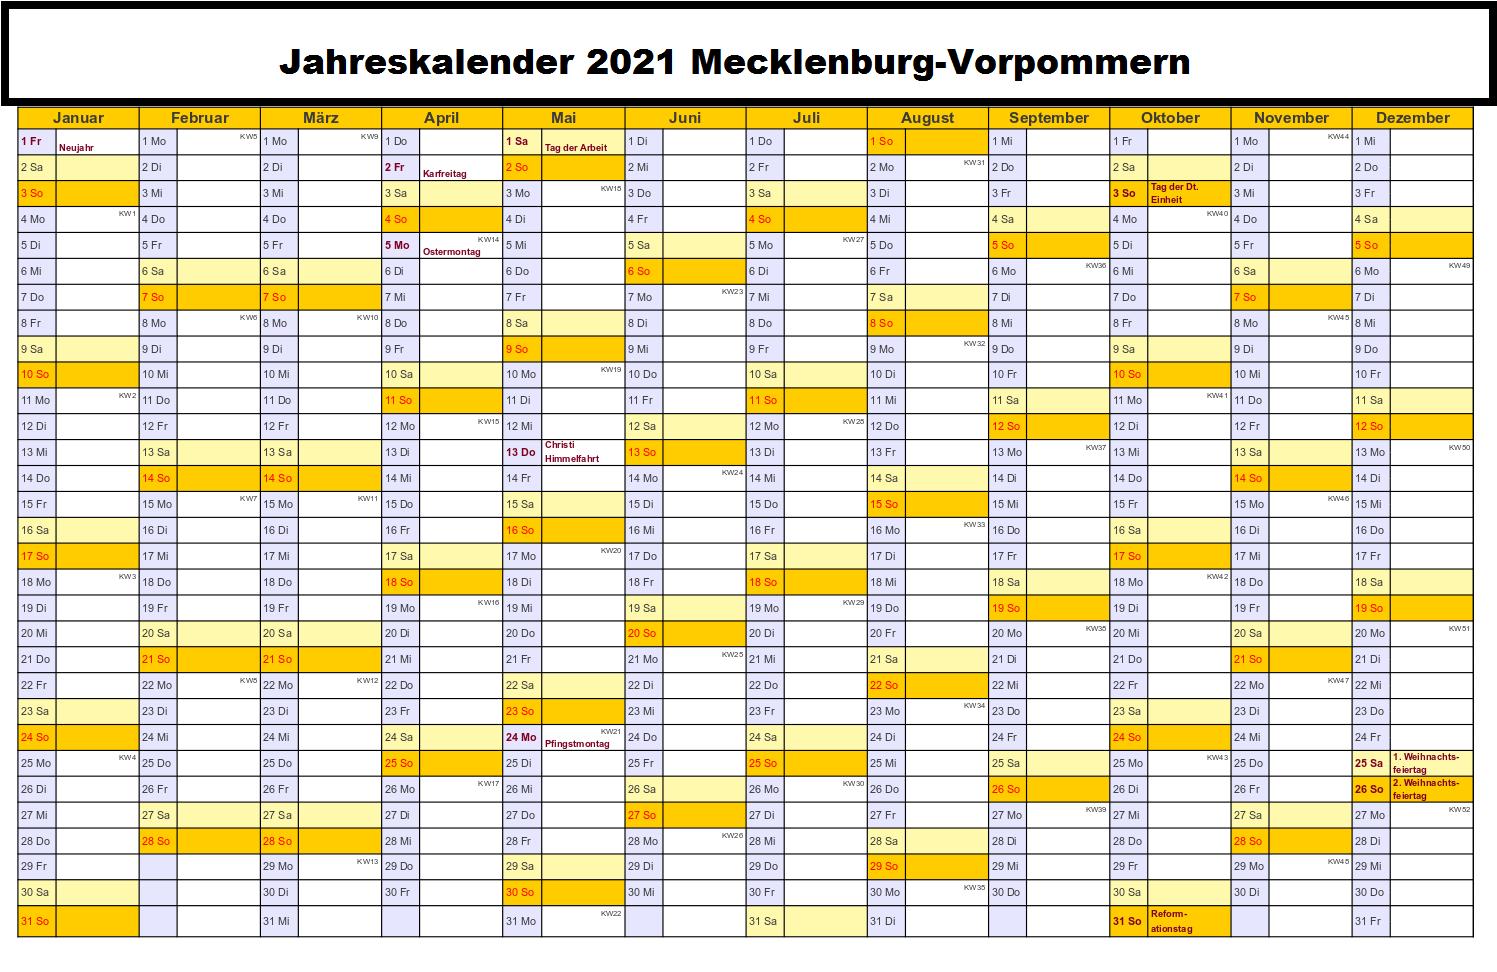 Kostenlos Jahreskalender 2021 Mecklenburg-Vorpommern Zum Ausdrucken